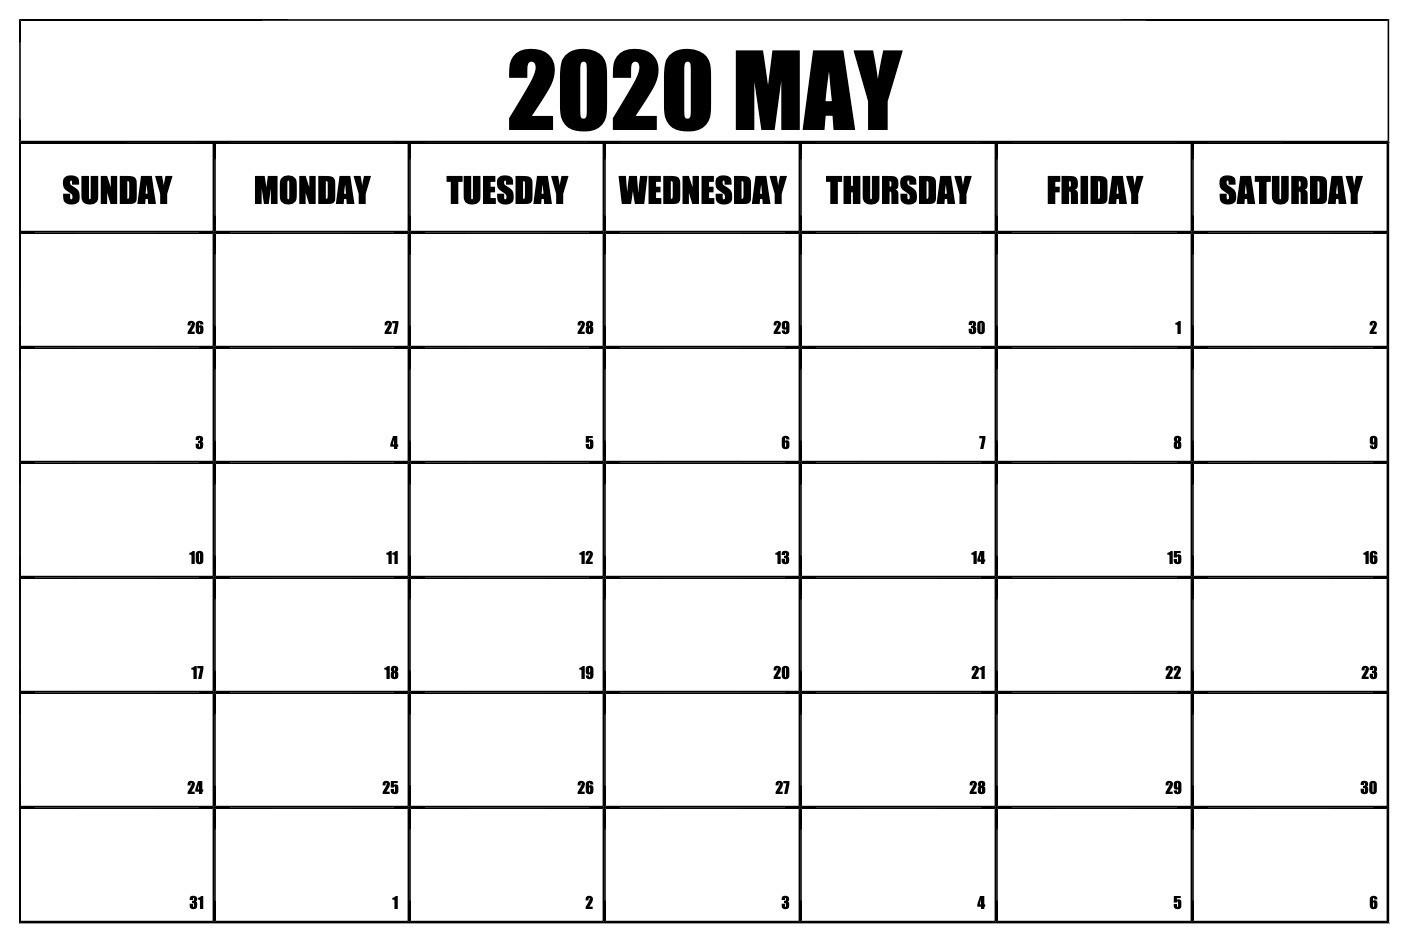 2020 May Calendar